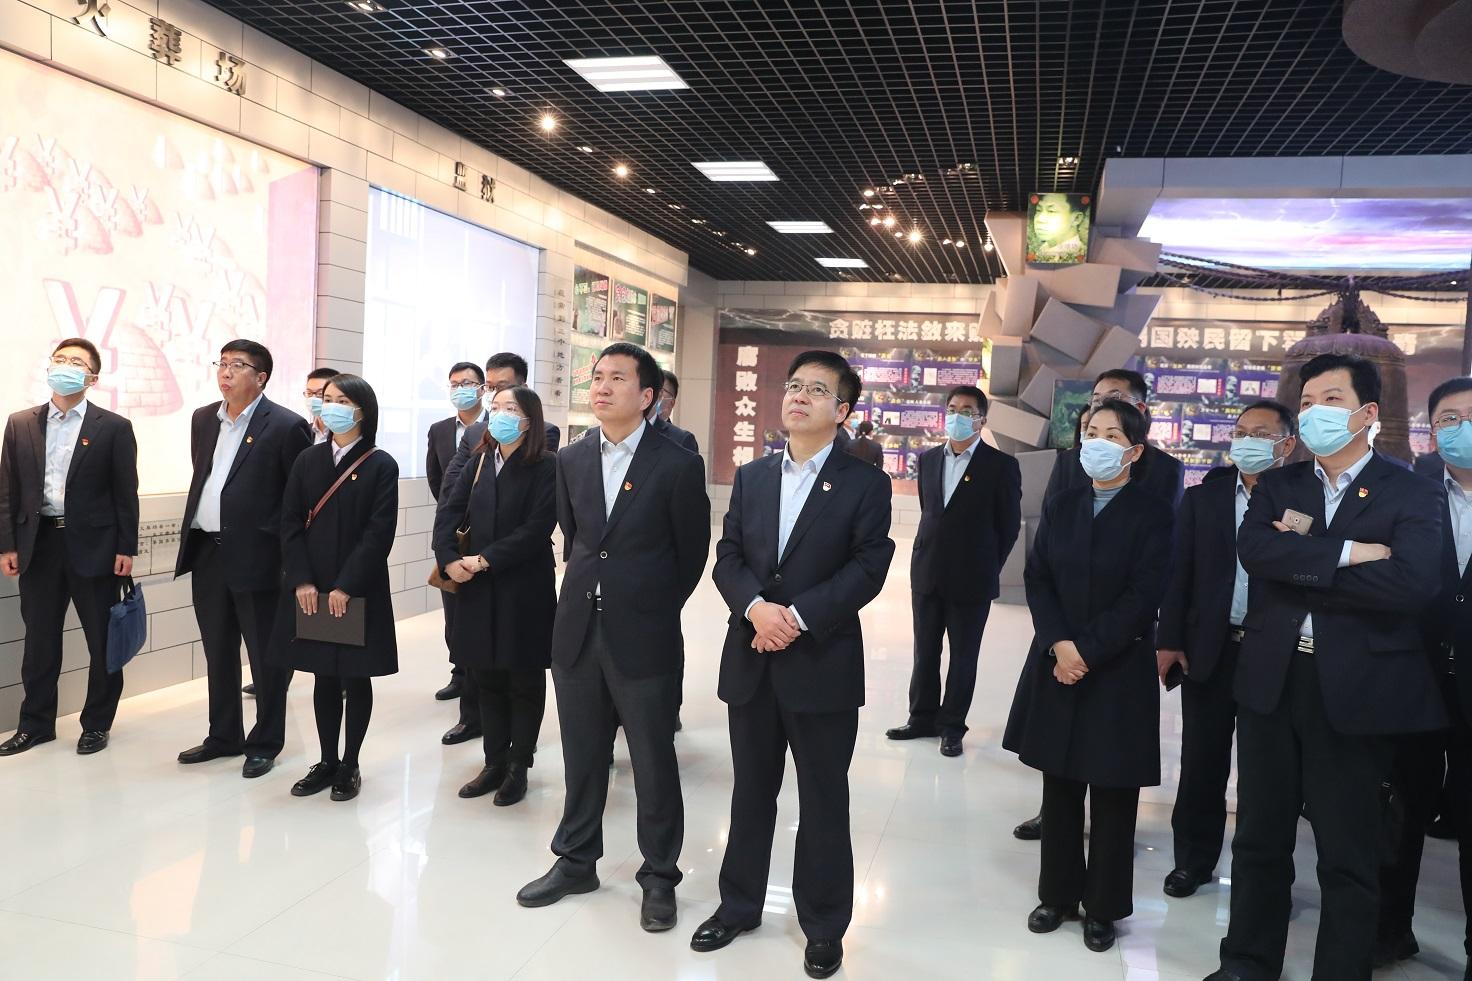 中国银行开封分行开展警示教育活动 强化党风廉政建设